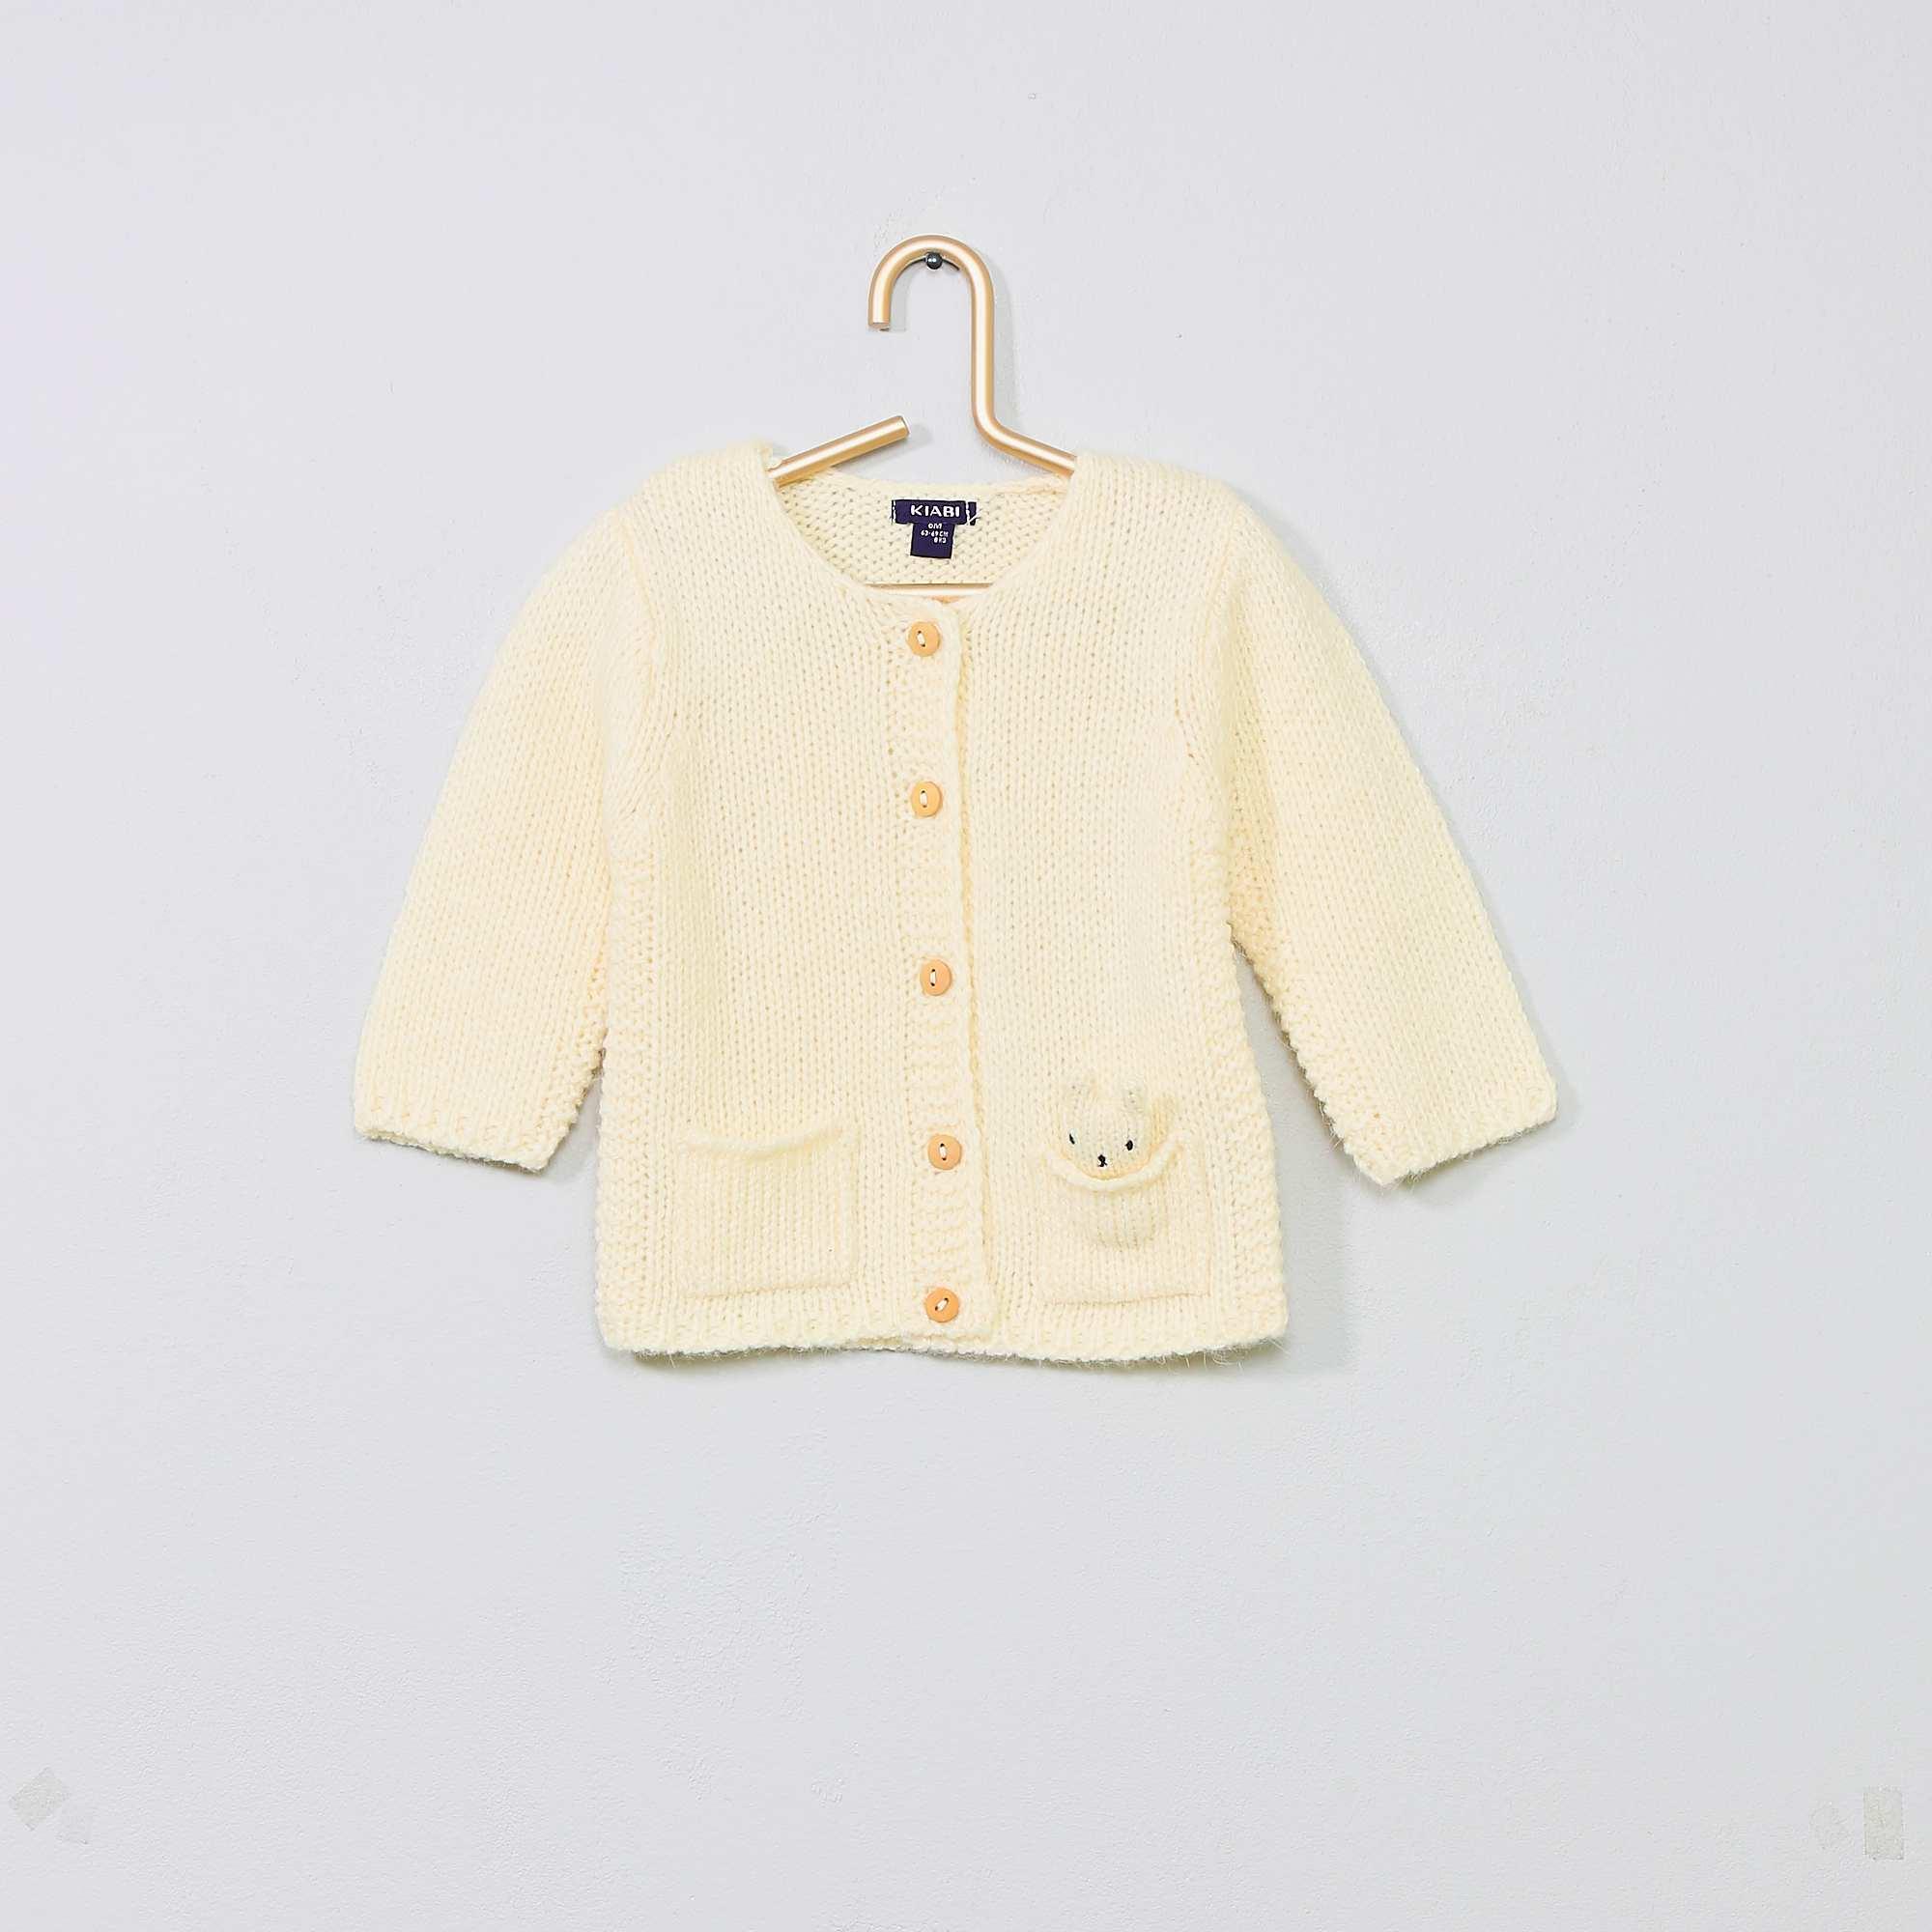 Casaco Bebê Básico Malha Branco Com Botões nas Lojas